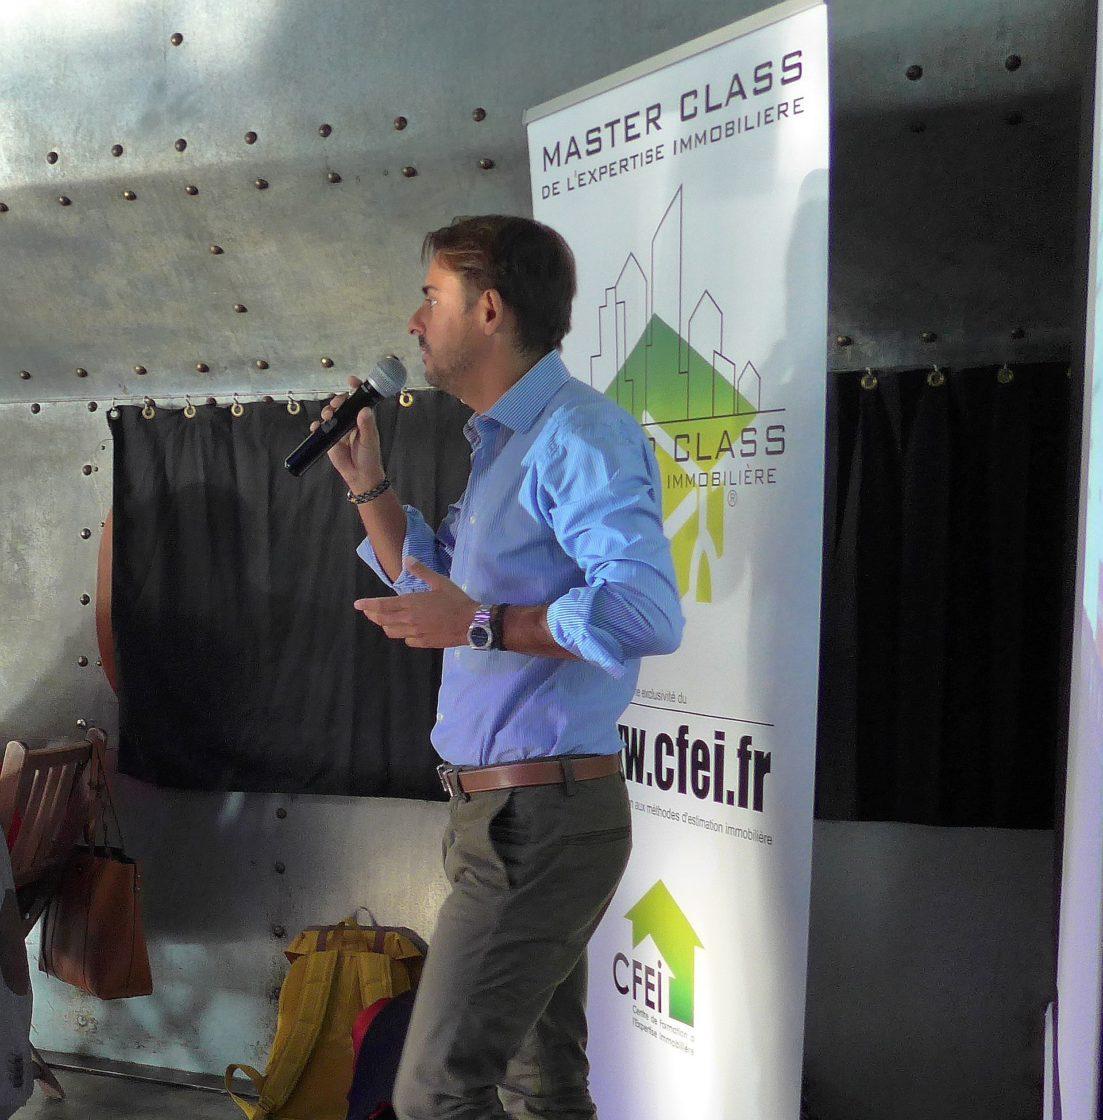 Intervention de Raphaël GARRAUD lors de la Master class de l'expertise immobilière, Centre de formation à l'expertise immobilière